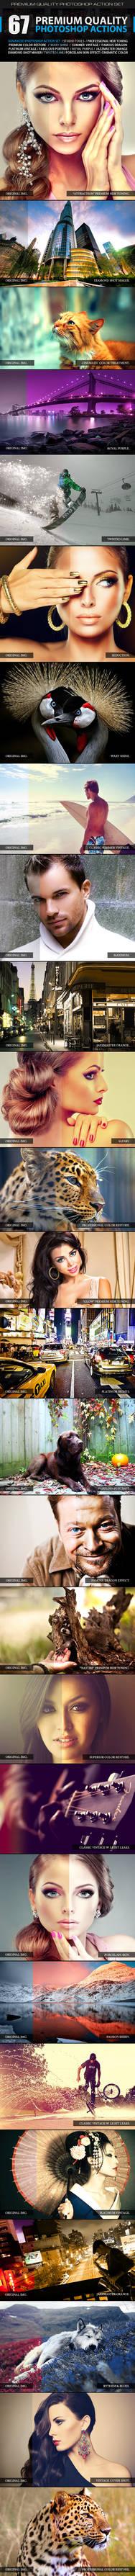 67 Premium Photoshop Actions